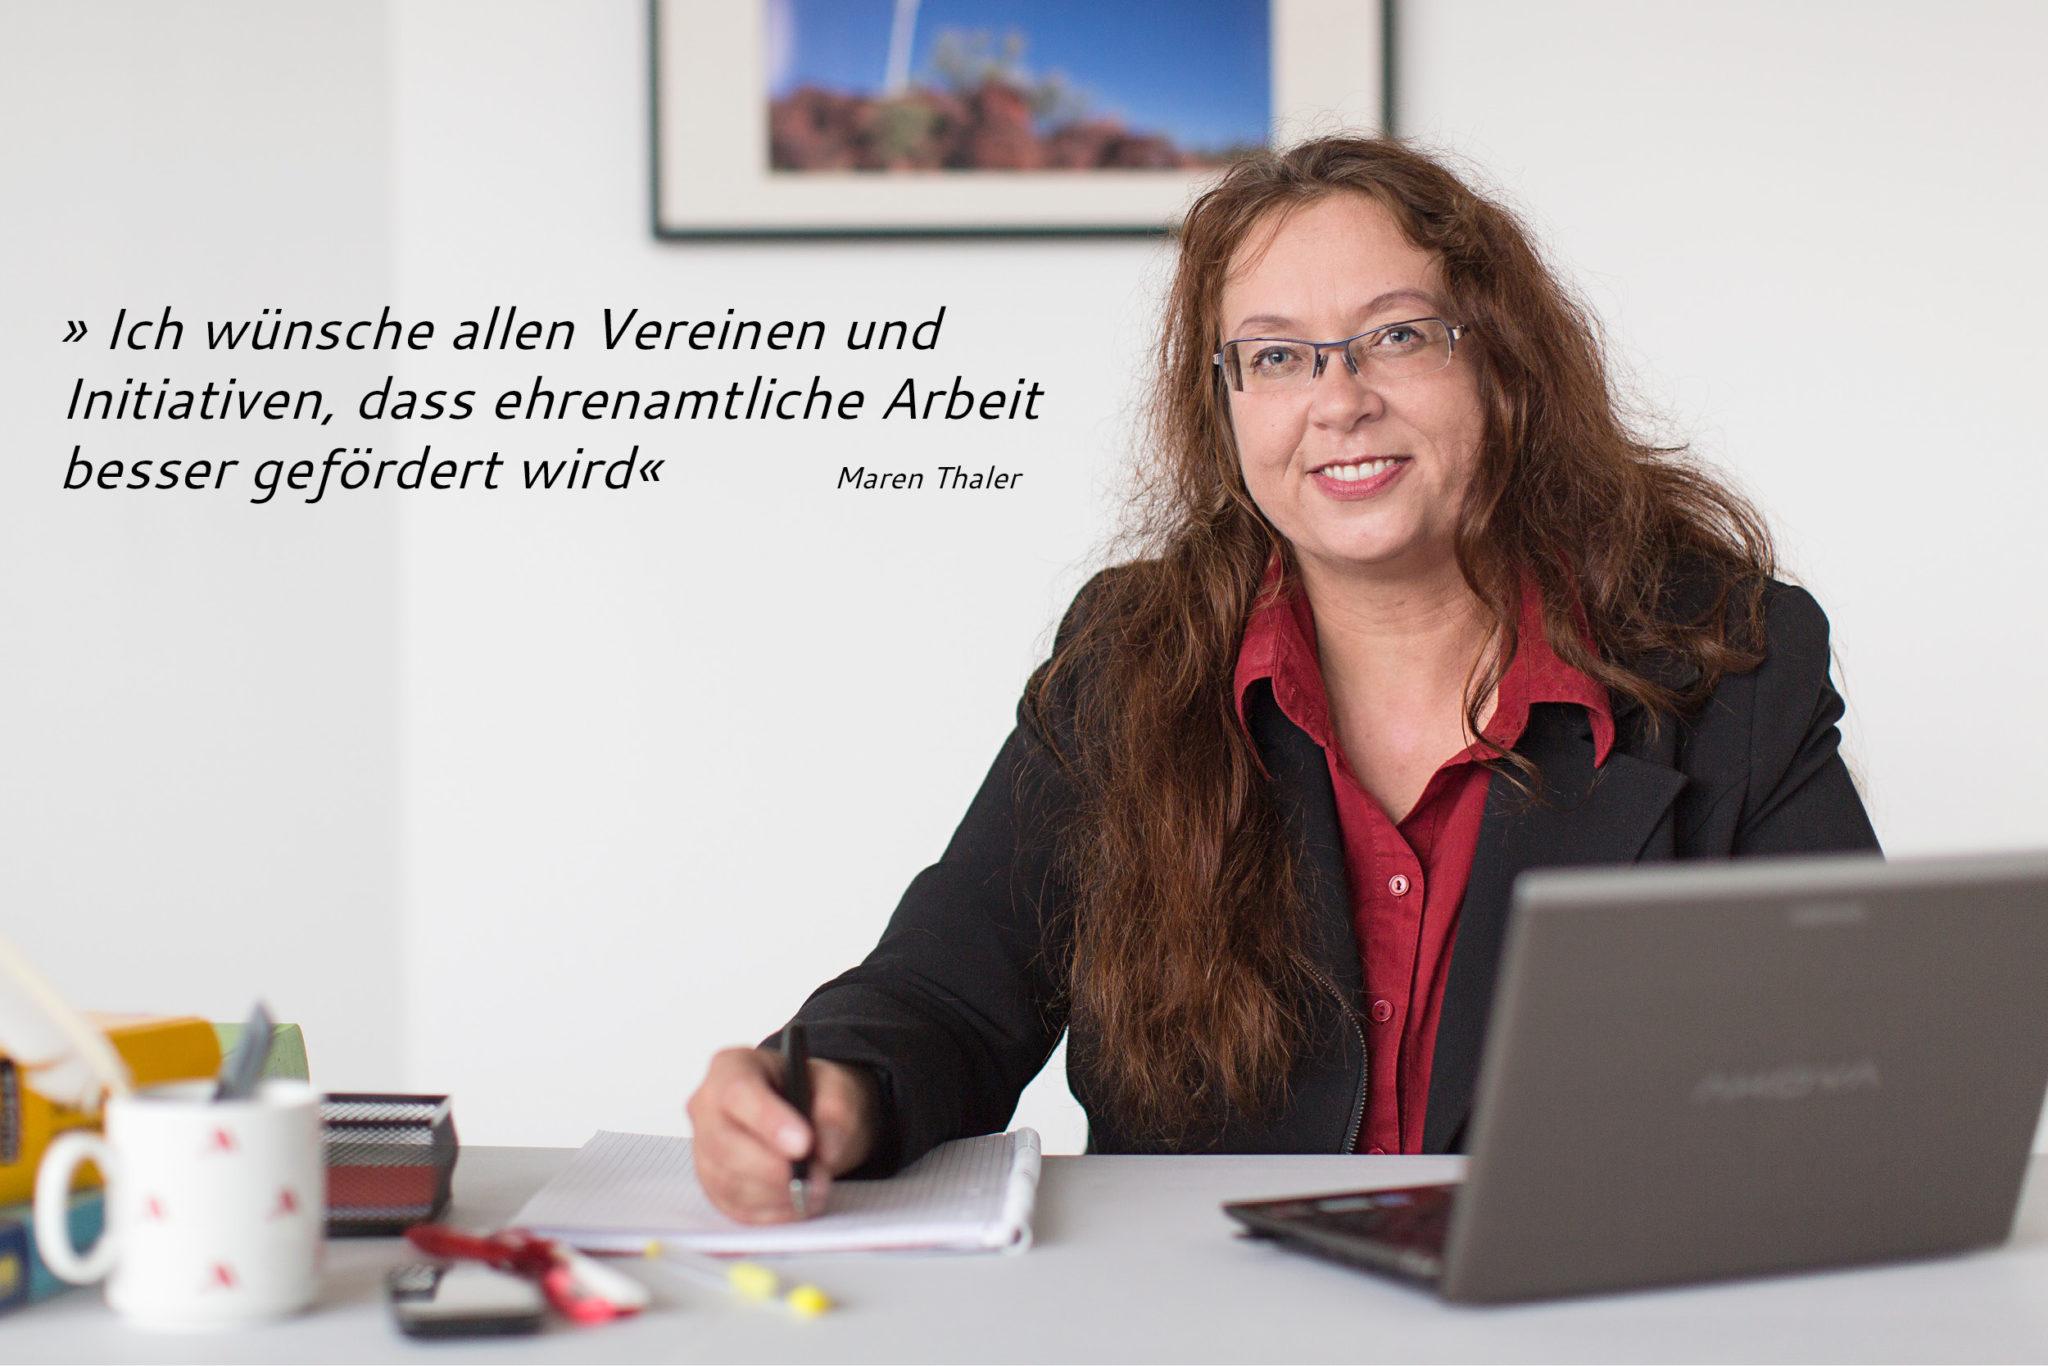 Maren Thaler